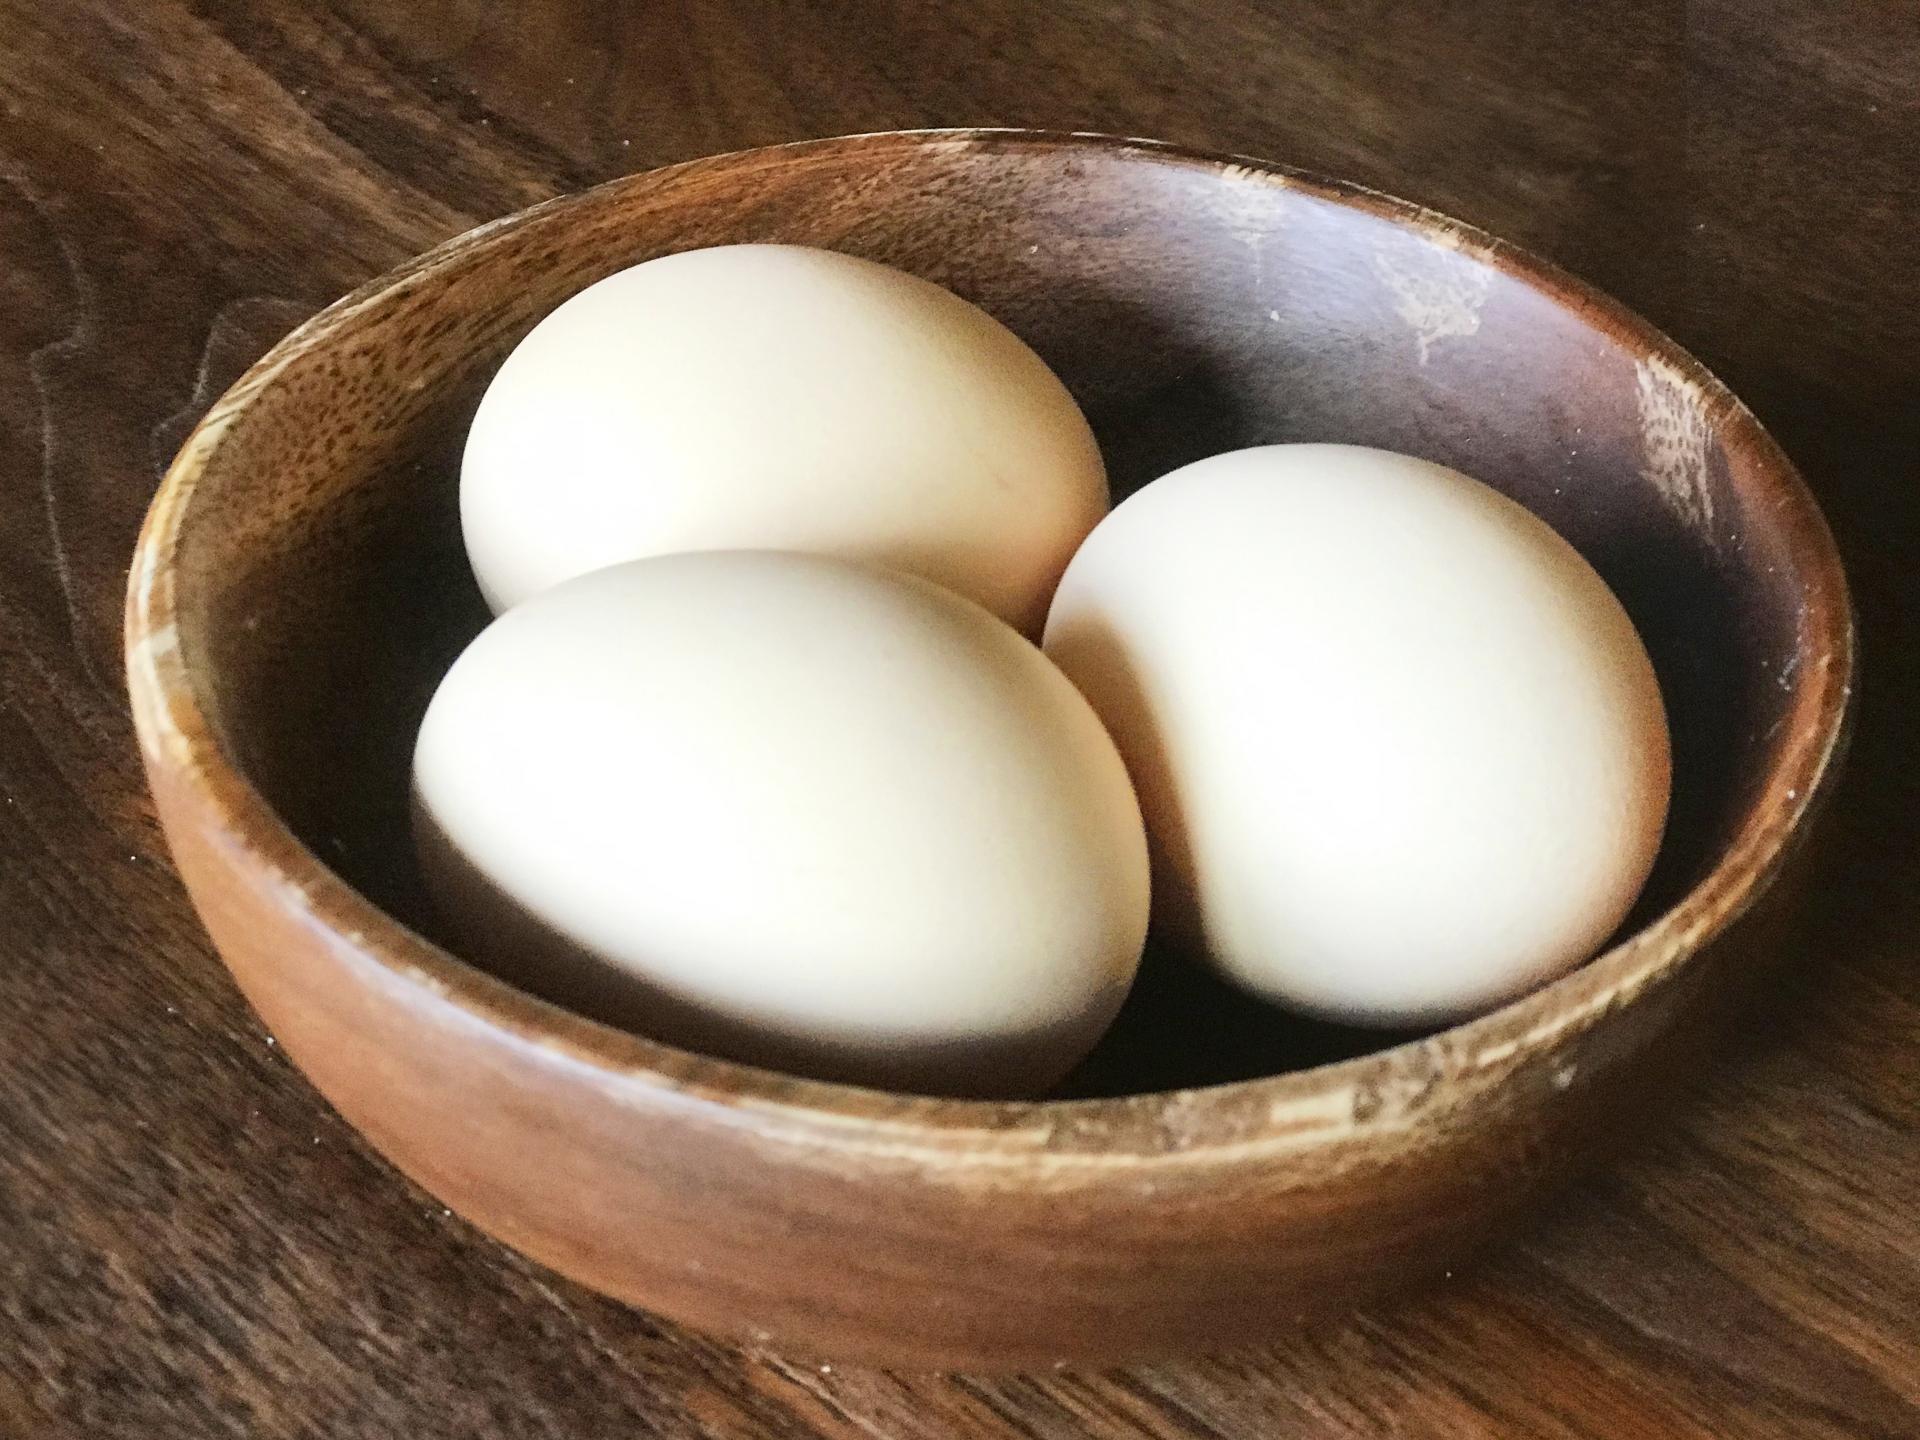 ゆで卵に使えるたまごは賞味期限後いつまで?湯で時間は?